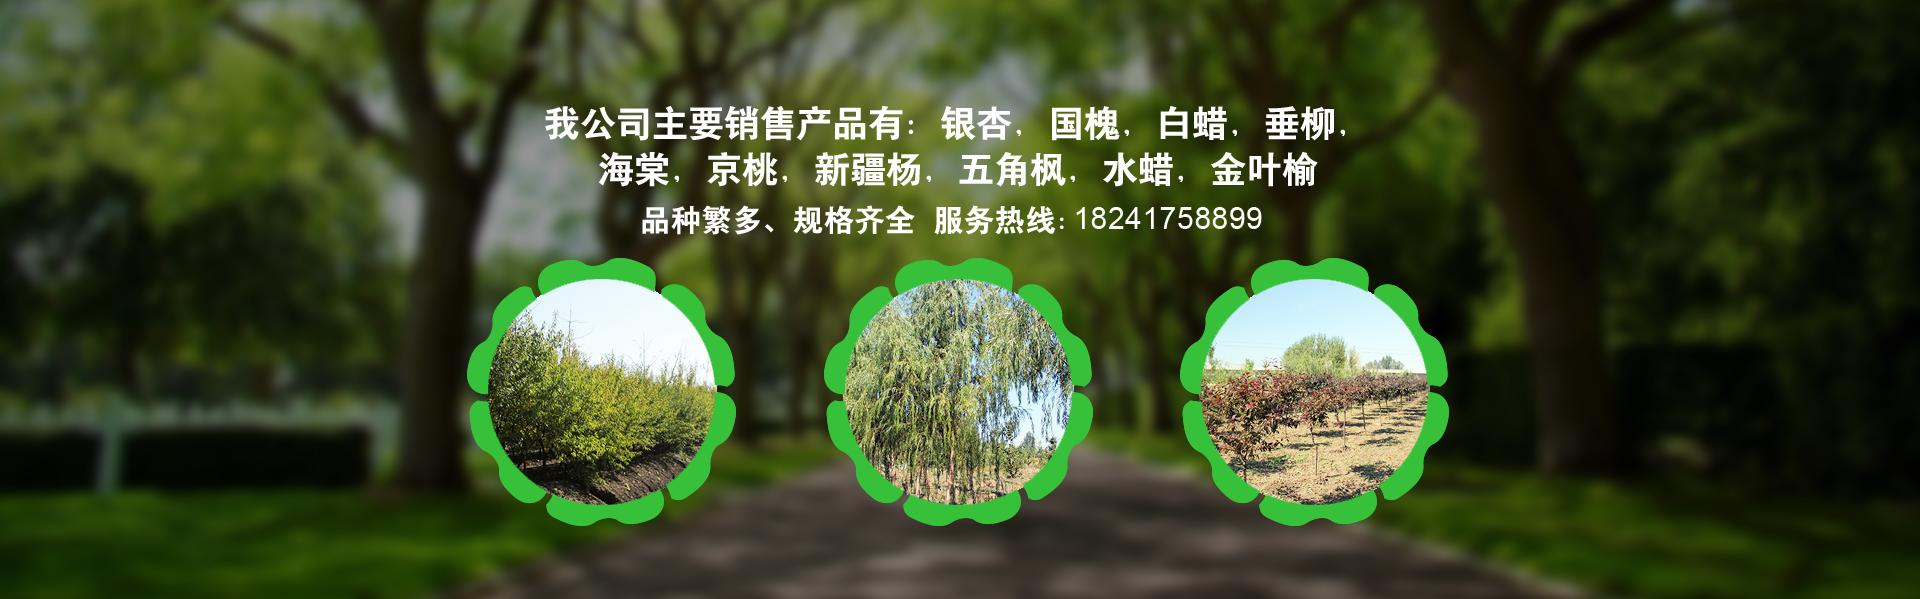 辽宁新疆杨